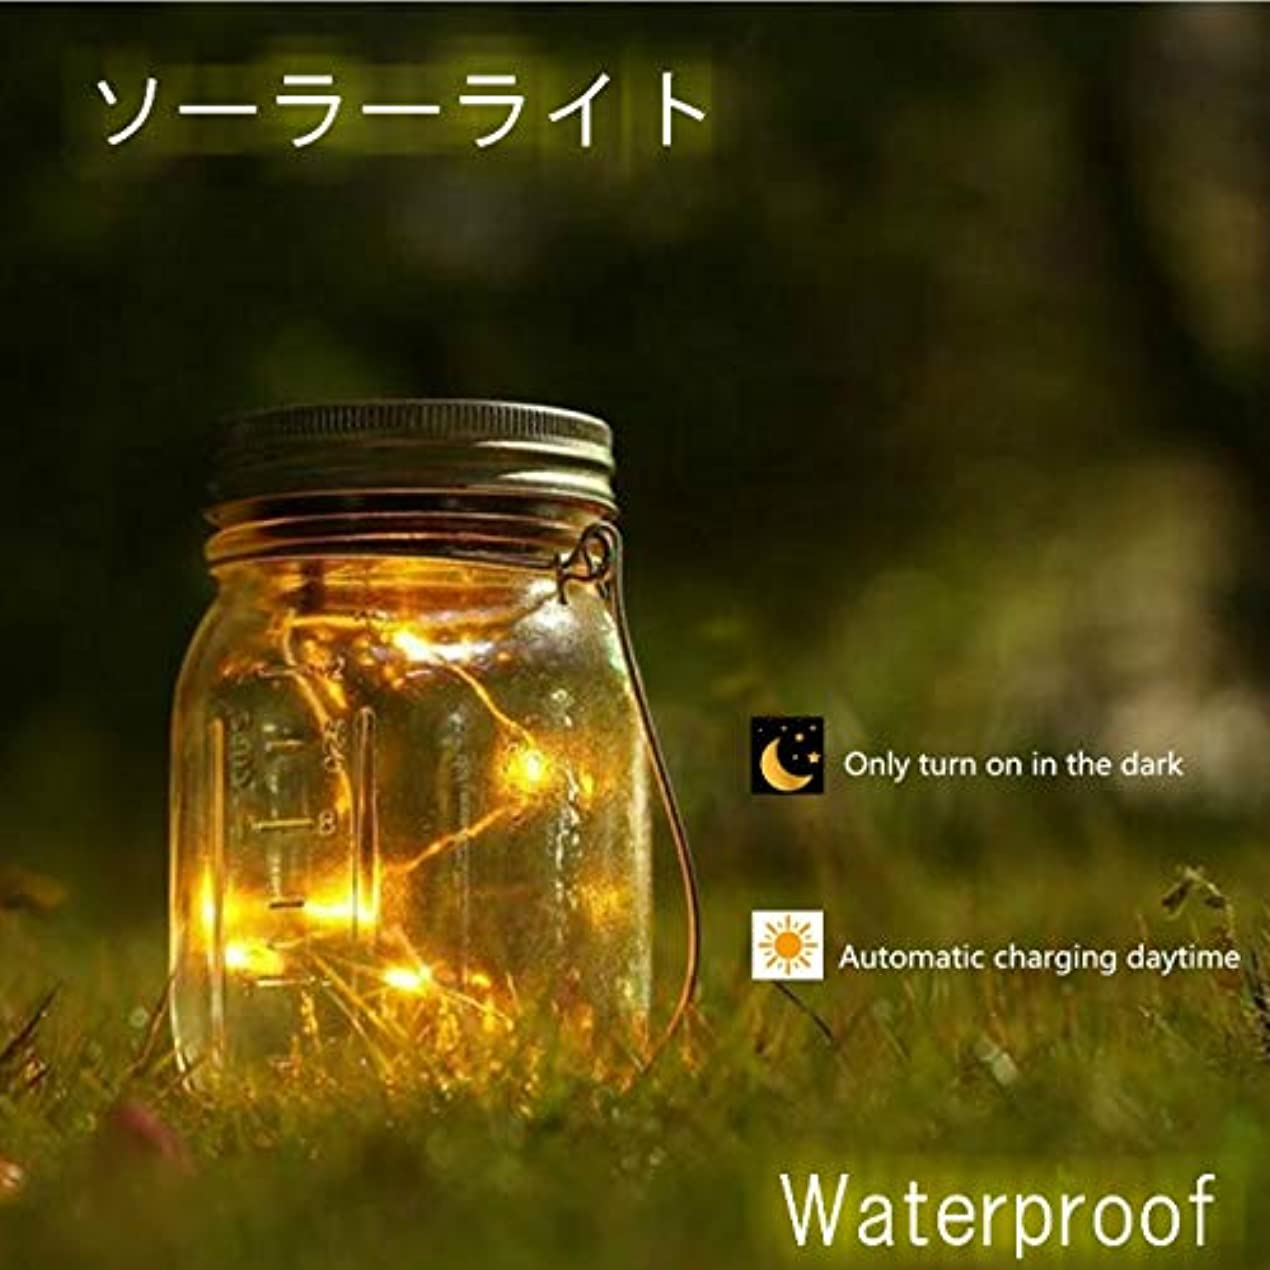 瞳蚊金属ソーラー LEDイルミネーション ガーデンライトお庭 おしゃれ デコレーション クリスマス イベント 電飾